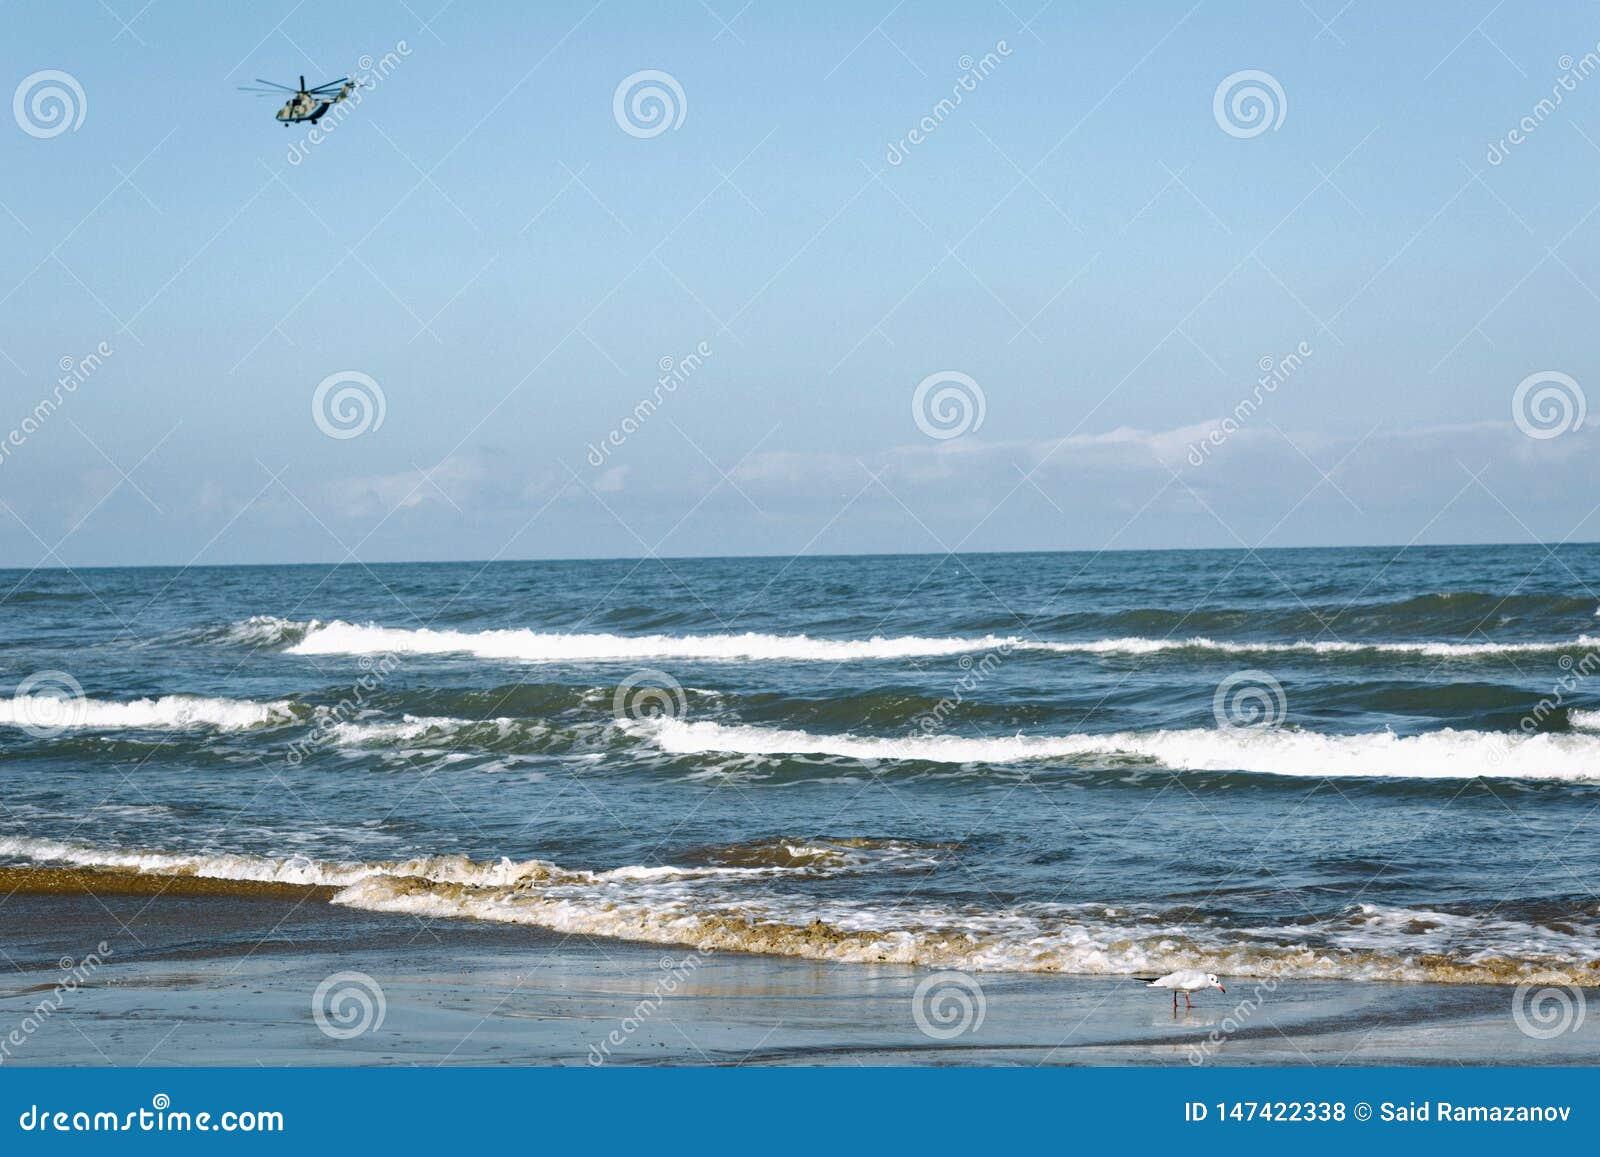 Helikopter over het overzees tegen de wolkenloze hemel